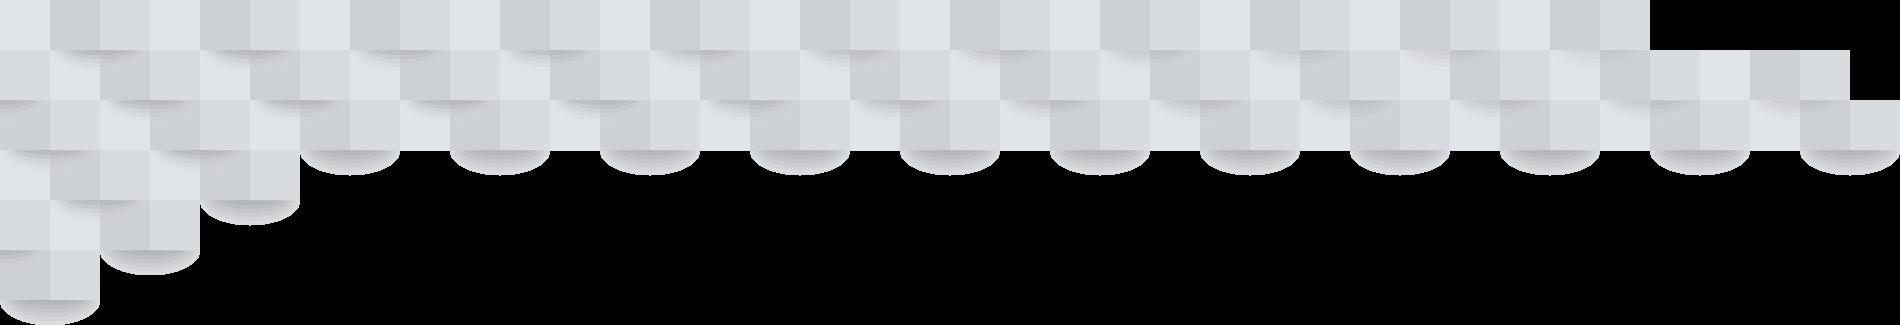 Agencja Reklamowa .:artmack tworzy elemnty graficzne na strony www jako dekoracje